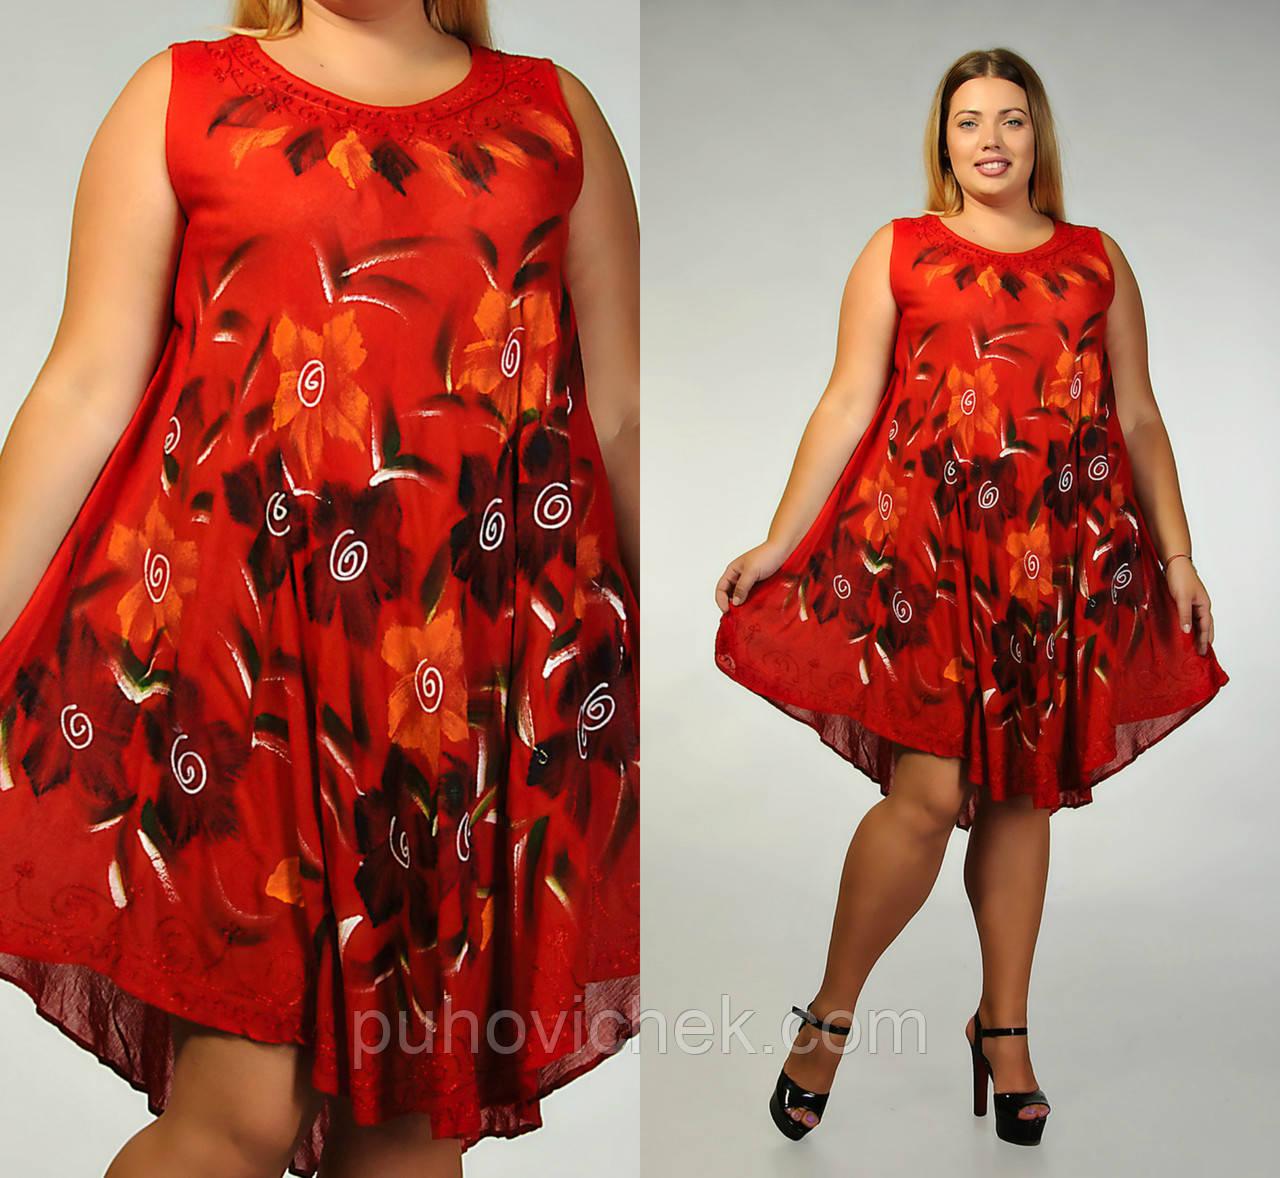 Літній сарафан жіночий модний інтернет магазин